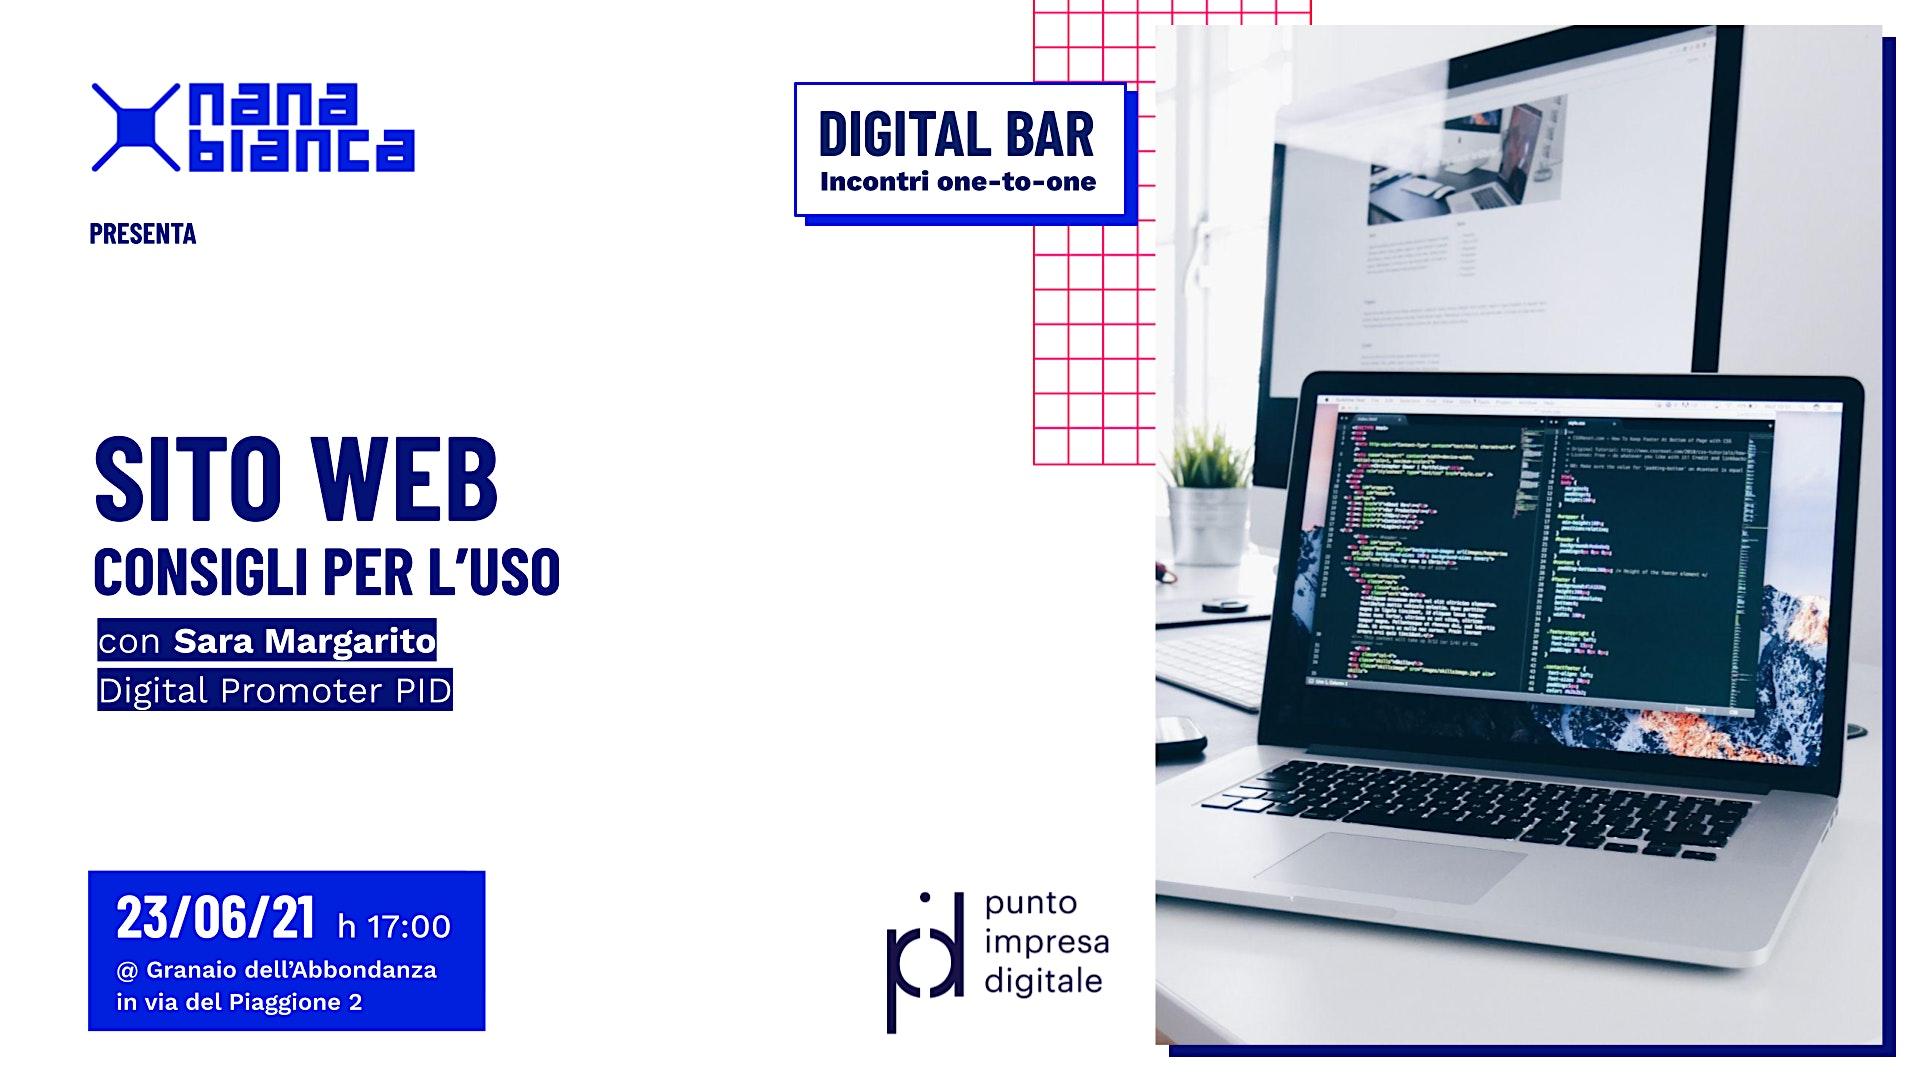 Digital Bar: Sito web - Consigli per l'uso